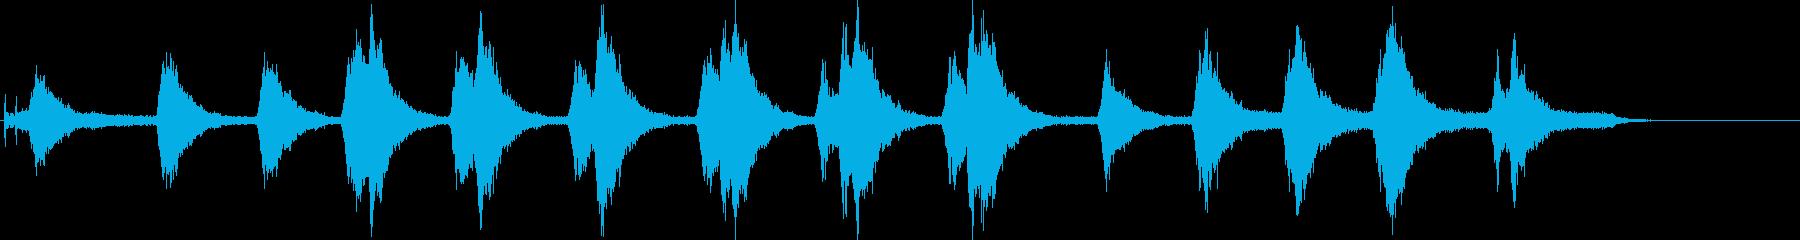 中型セダンスタートエンジン、Rev...の再生済みの波形